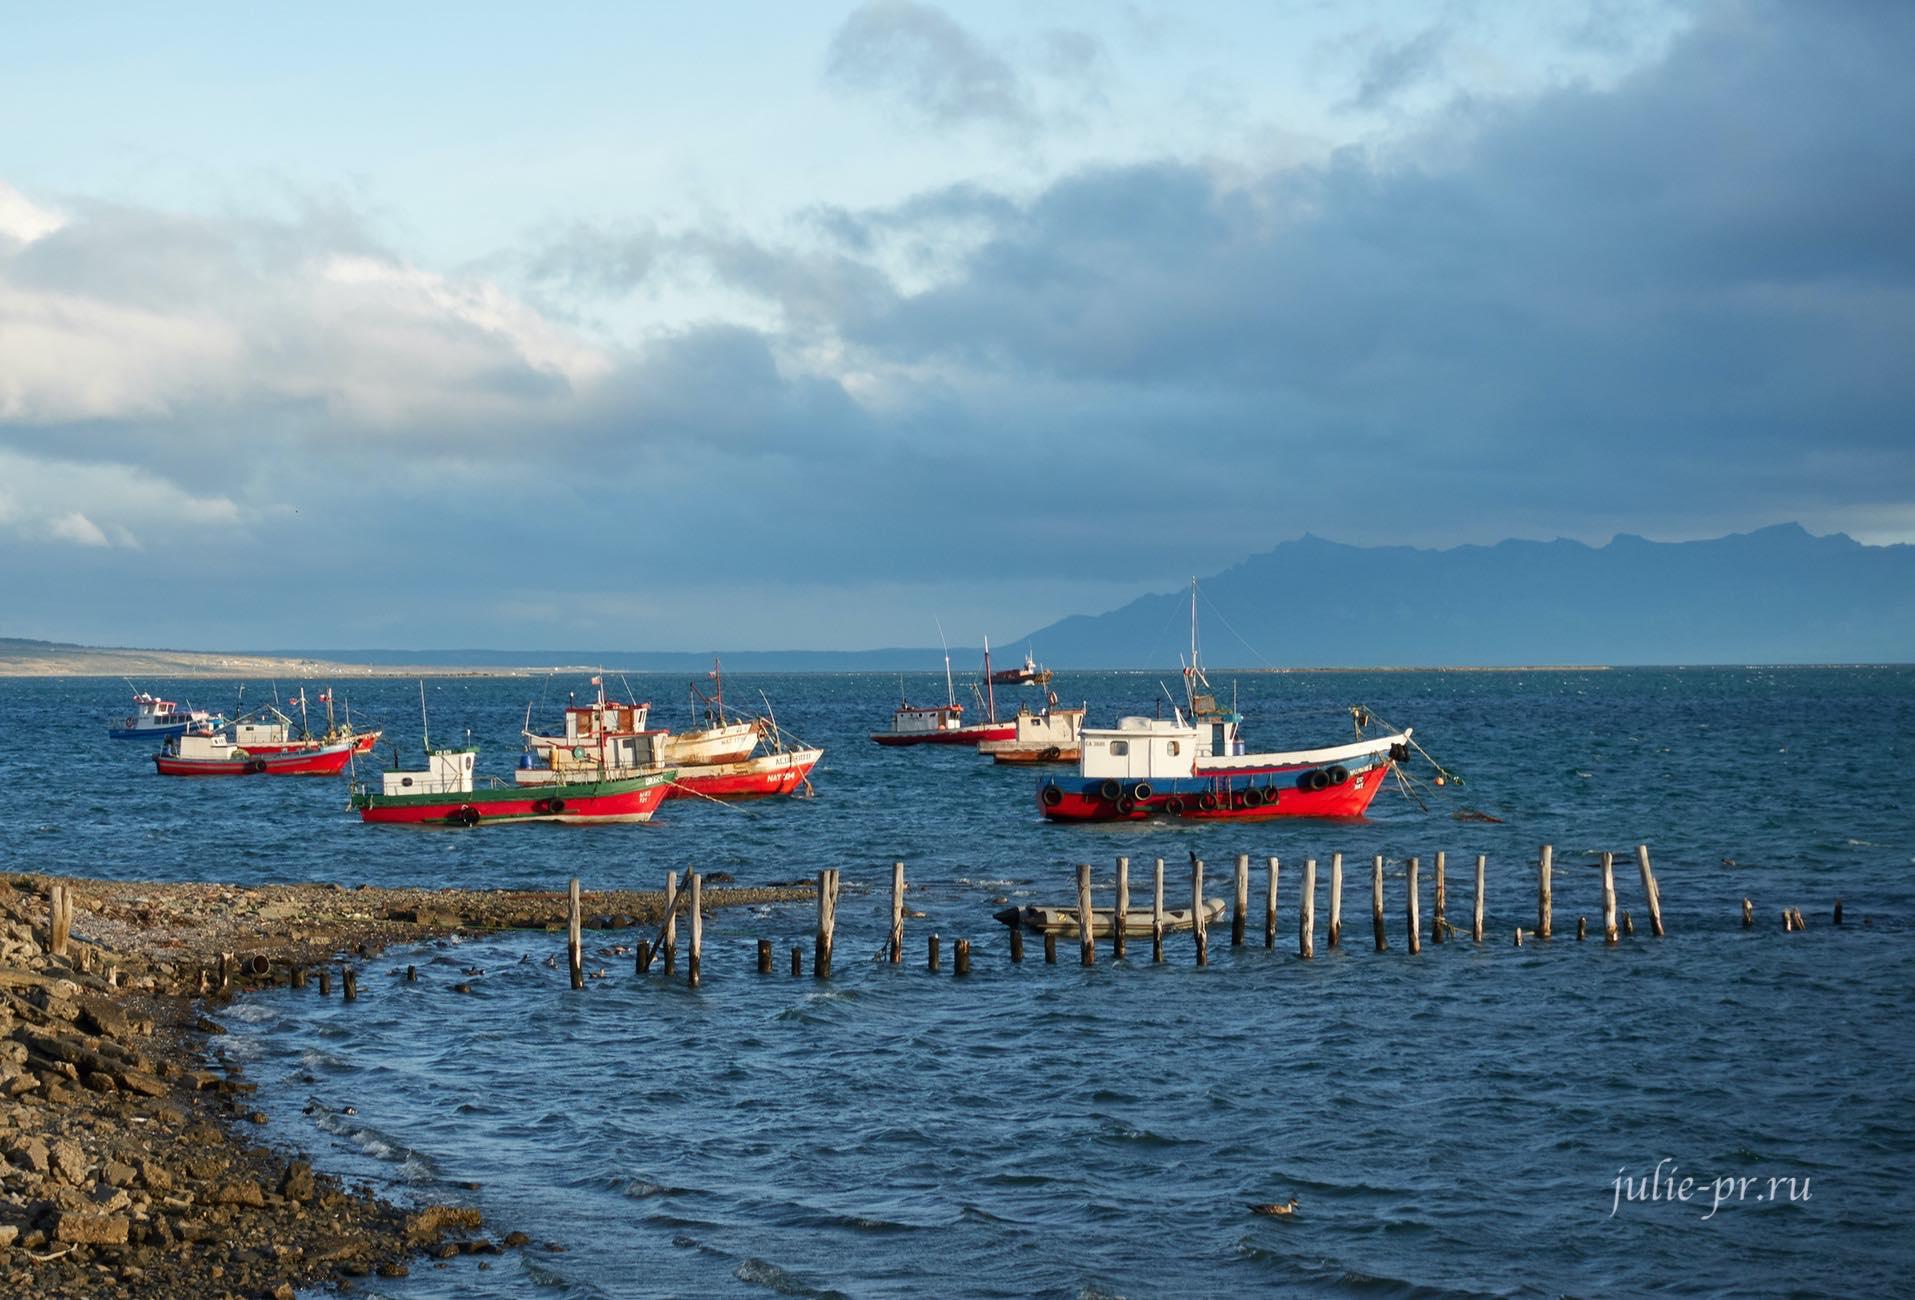 Чили, Патагония, Пуэрто-Наталес, лодки